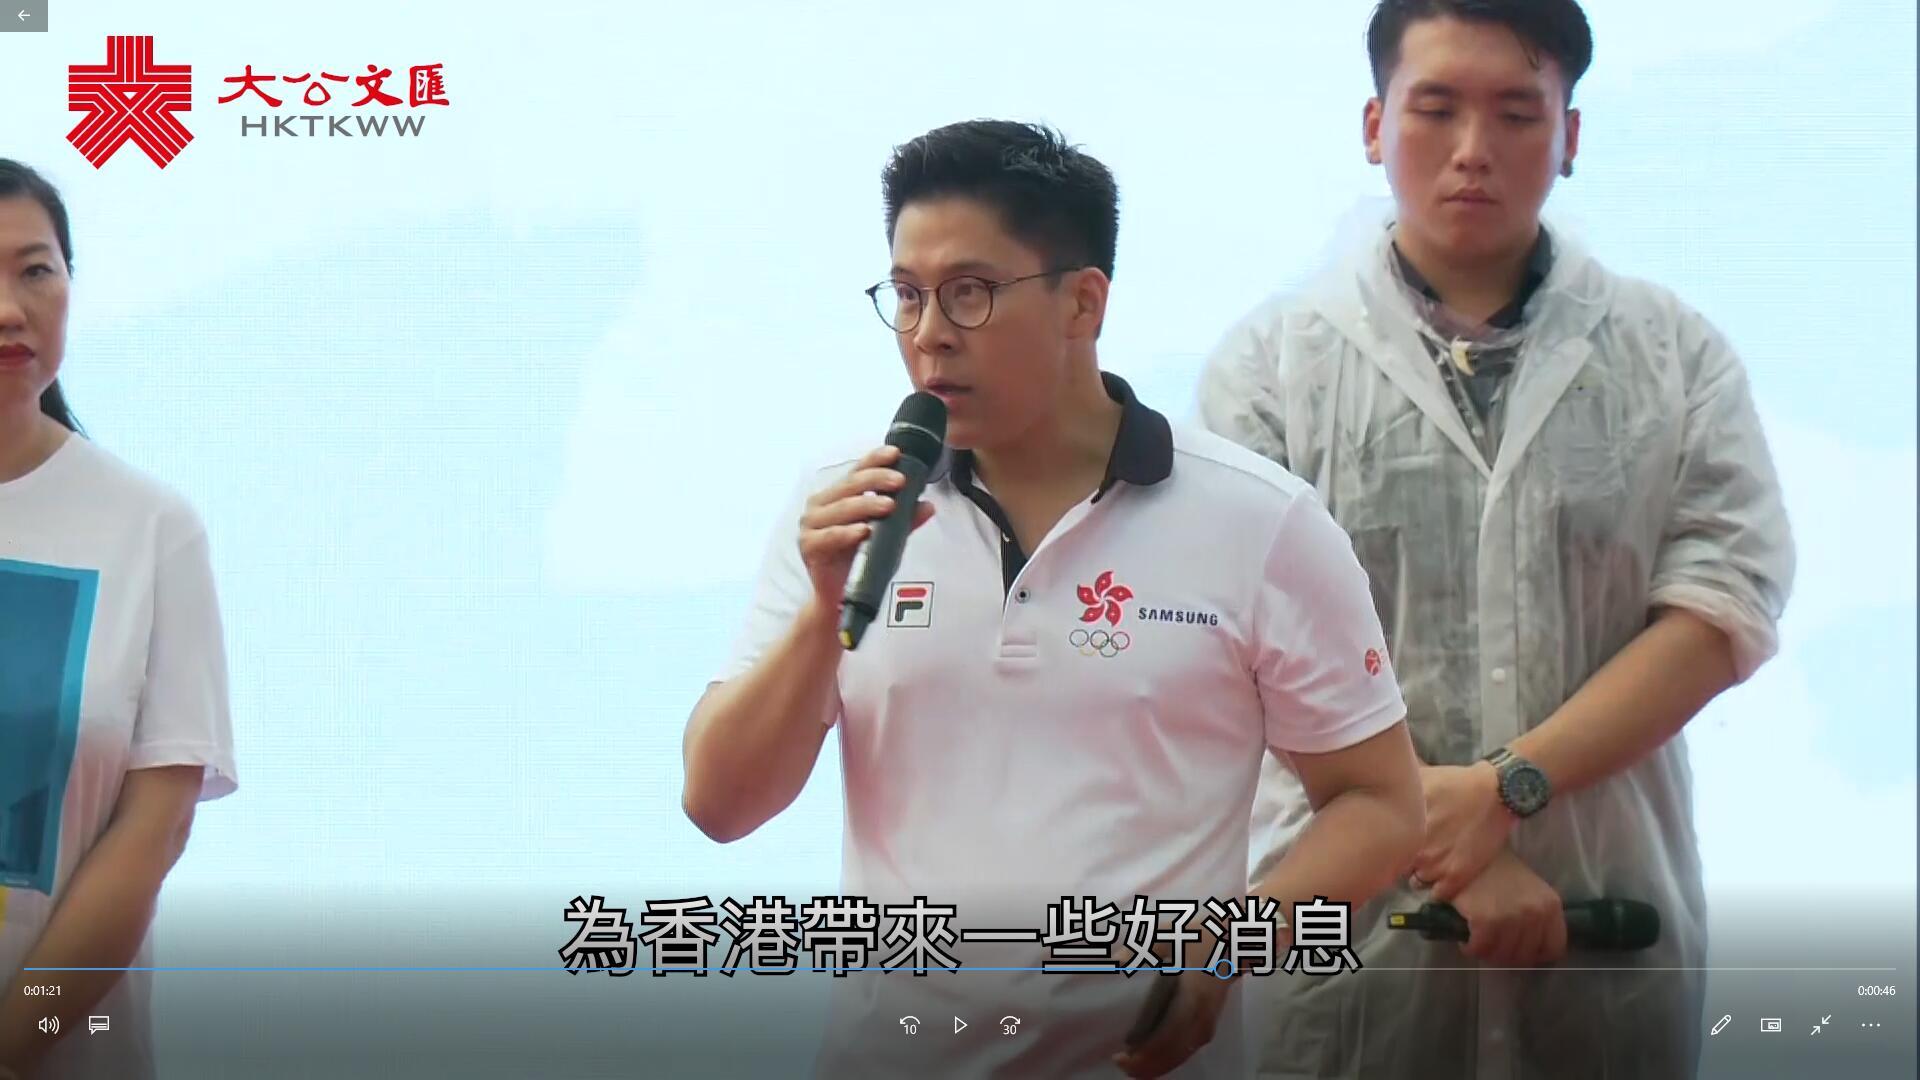 守護香港集會 | 霍啟剛籲大眾在紛亂之中堅守崗位